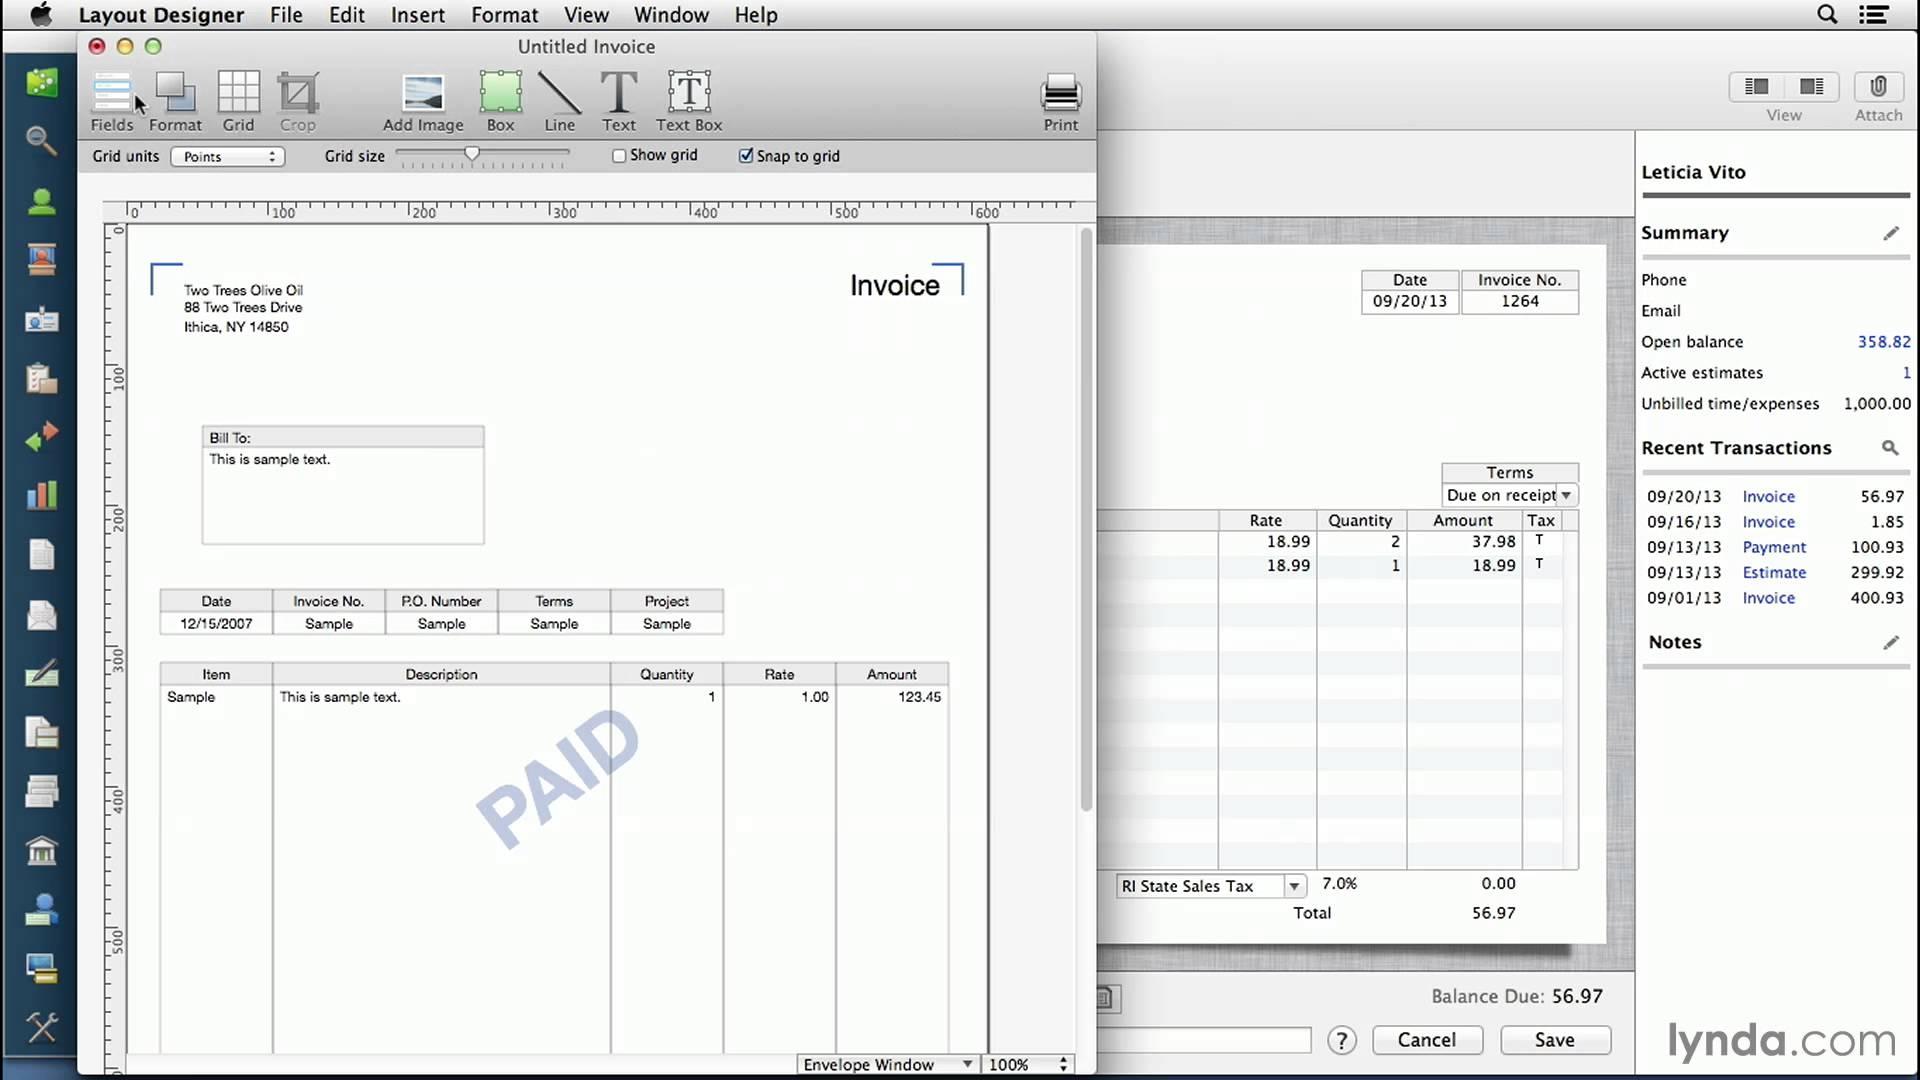 quickbooks custom invoice quickbooks for mac tutorial customizing invoices and forms 1920 X 1080